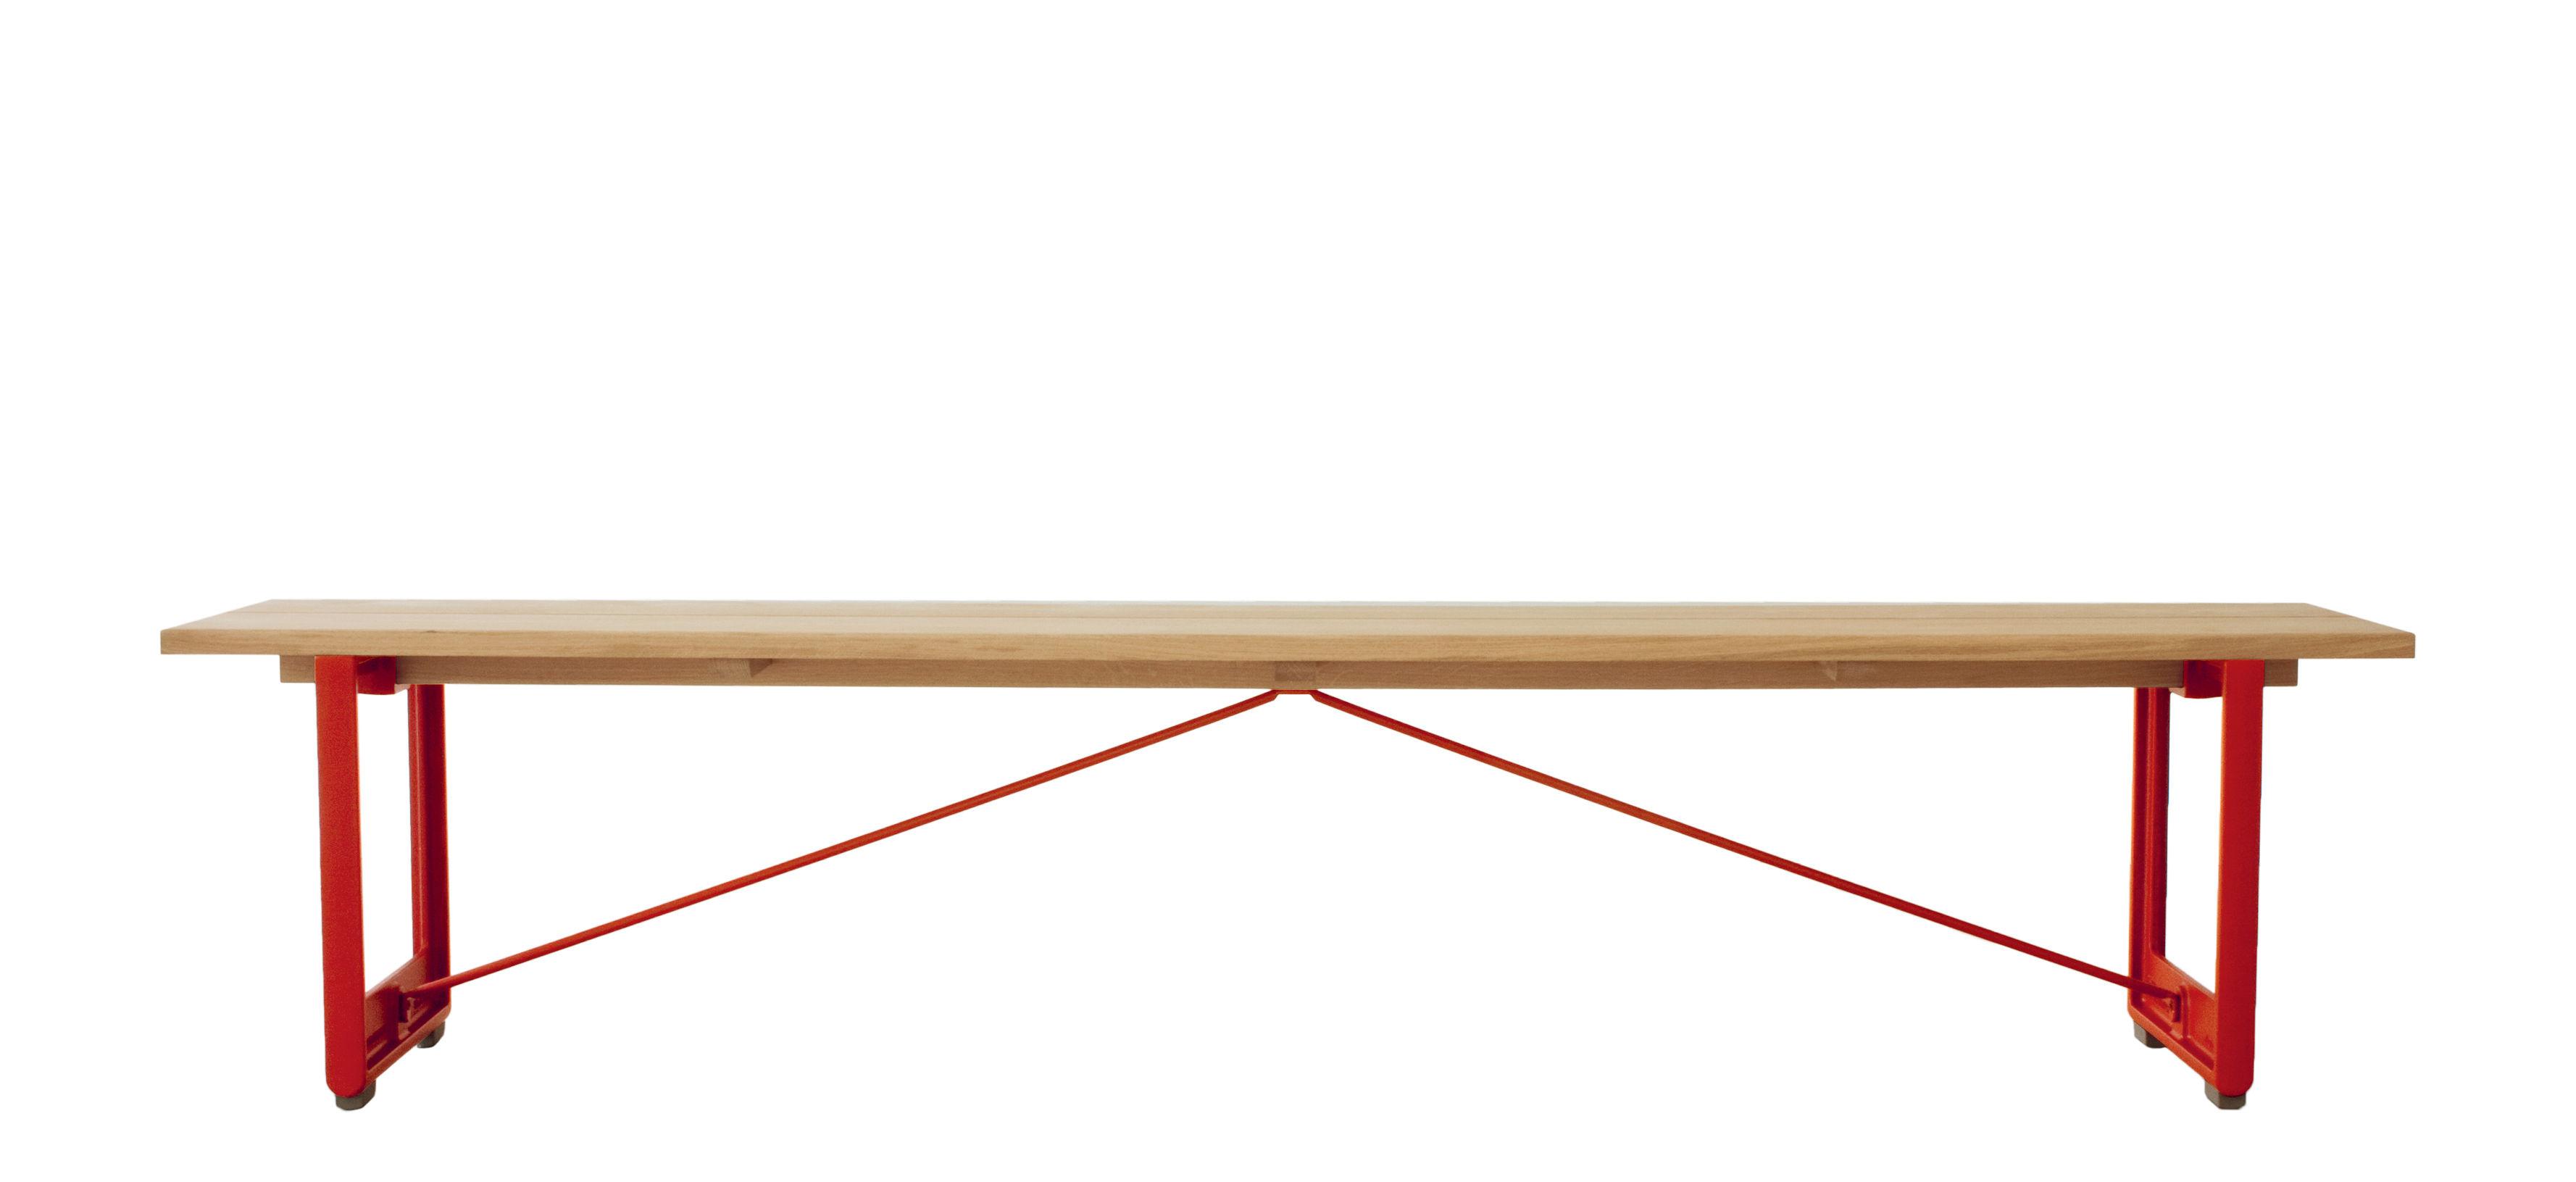 Möbel - Bänke - Brut Bank / Holz & Gusseisen - L 220 cm - Magis - Rot / Eiche - Fonte vernie, massive Eiche